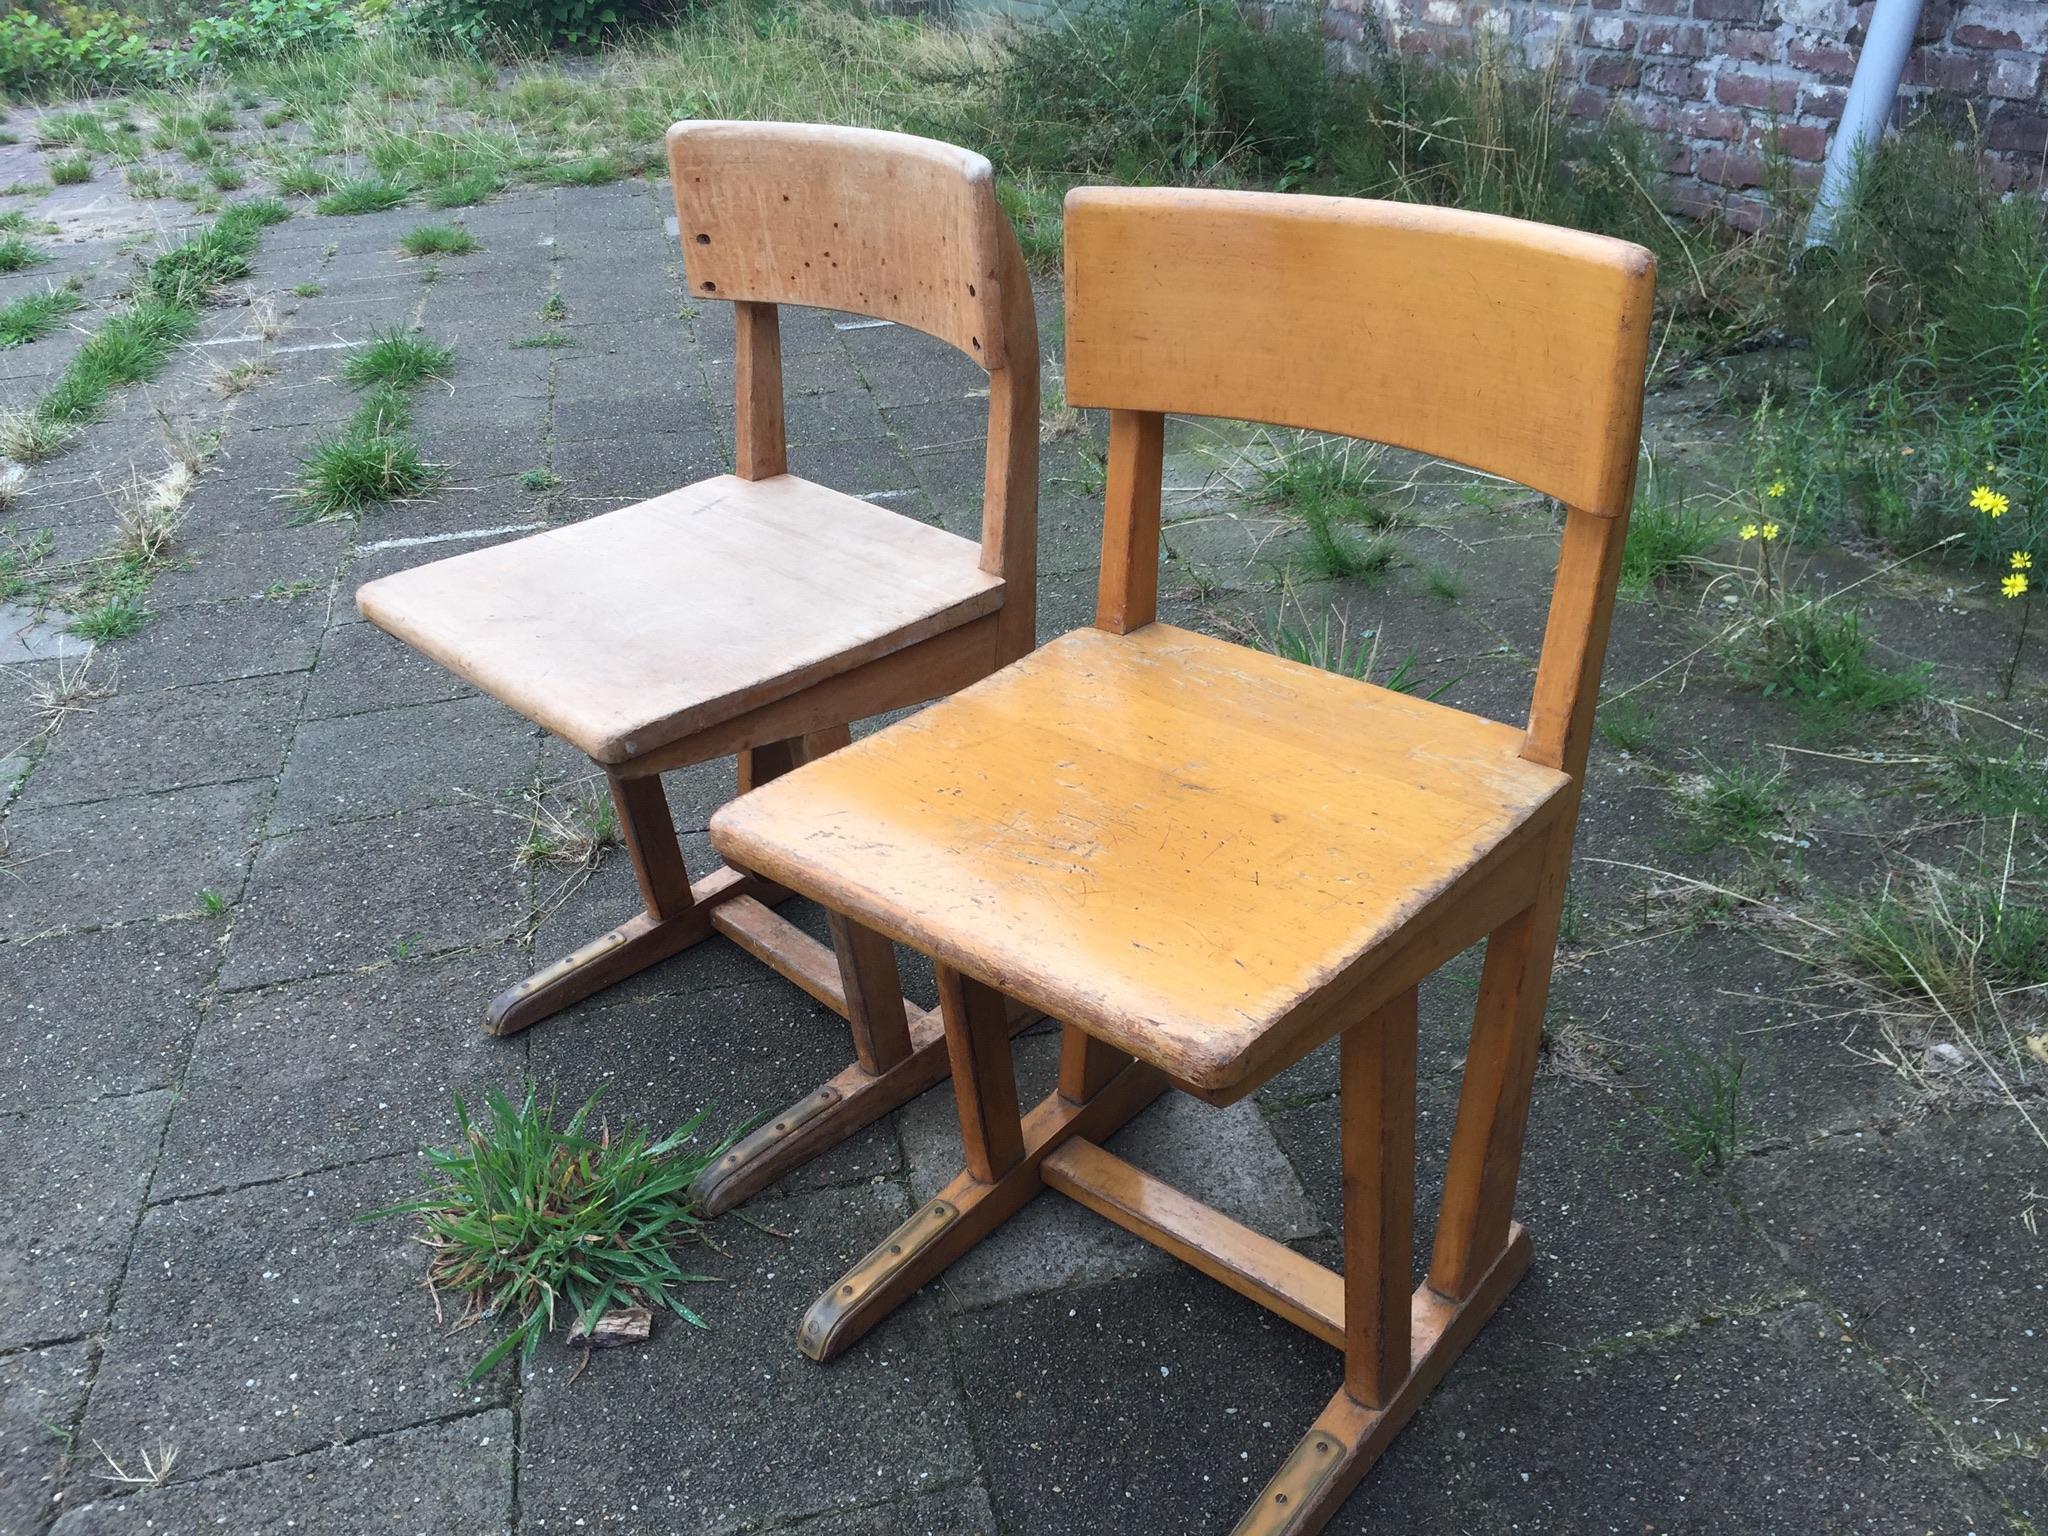 Oude Houten Kinderstoel.Oude Schoolstoelen Kinderstoelen Houten Stoel Landzicht Houtsberg